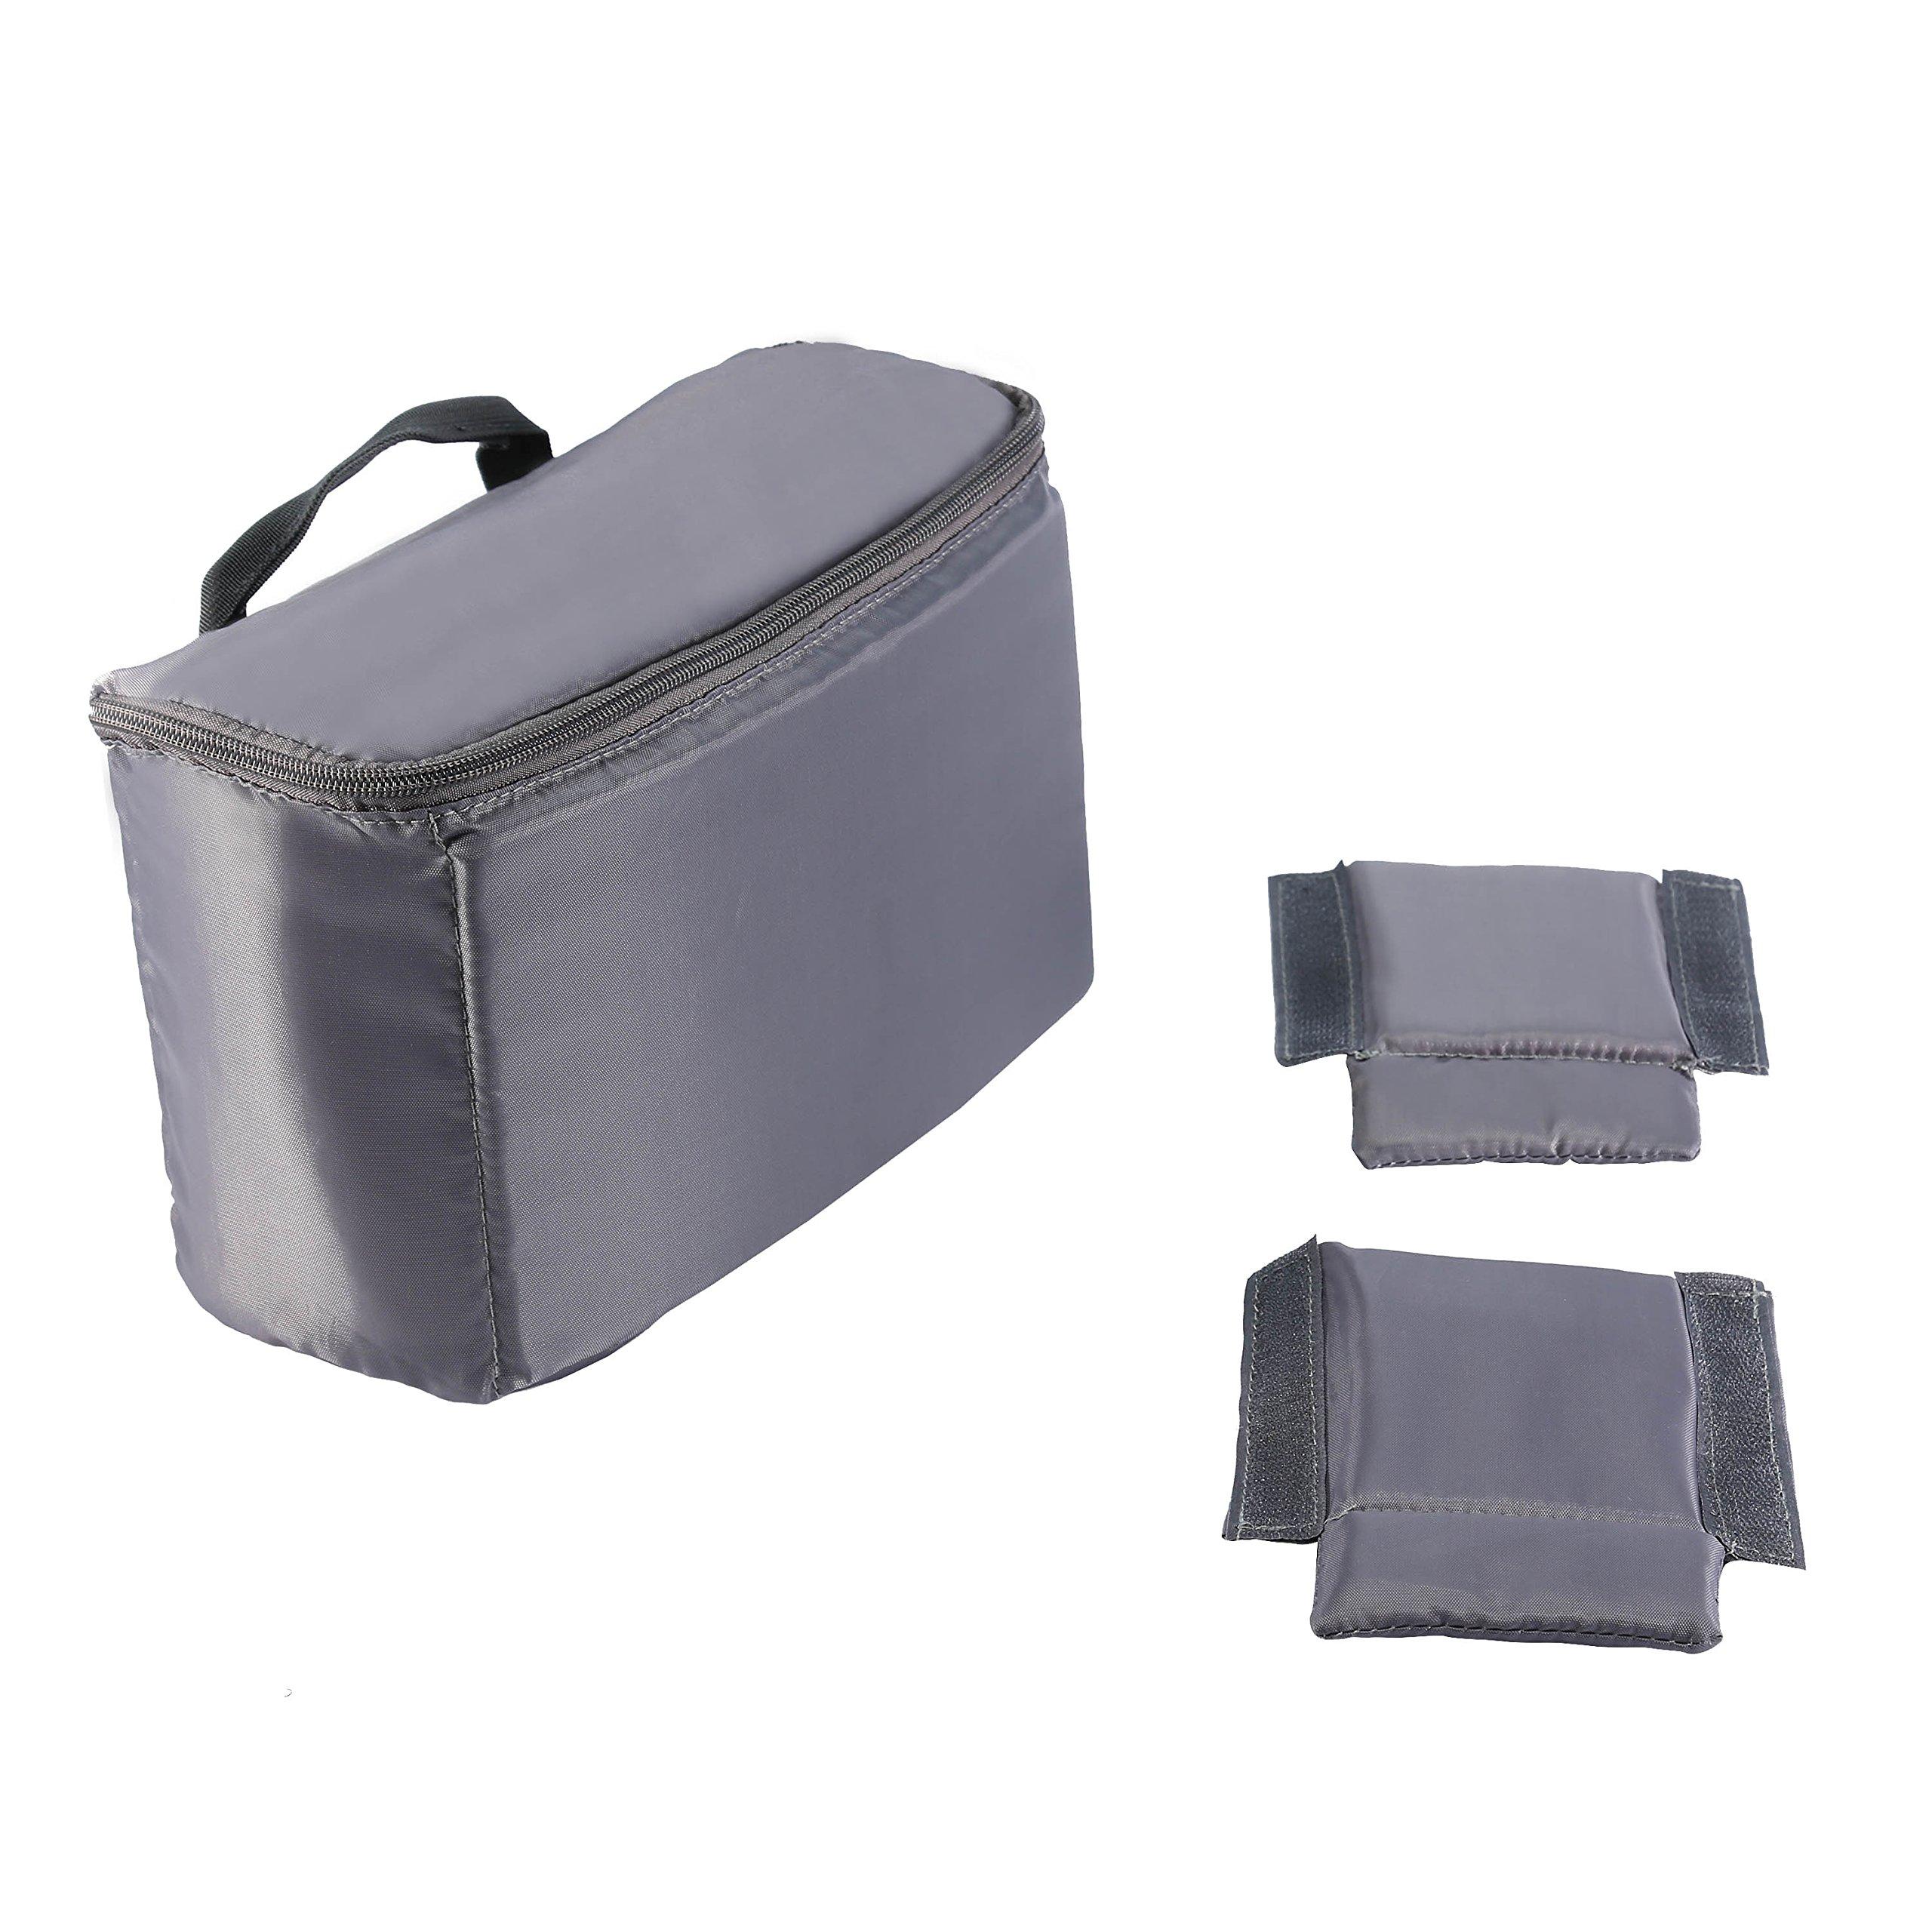 Camára Bolsa Bandolera Vintage de Lona Protector para 1 Cámara Digitales DSLR con 2 Lentes para Canon Sony Nikon Olympus de Viajes (Gris)